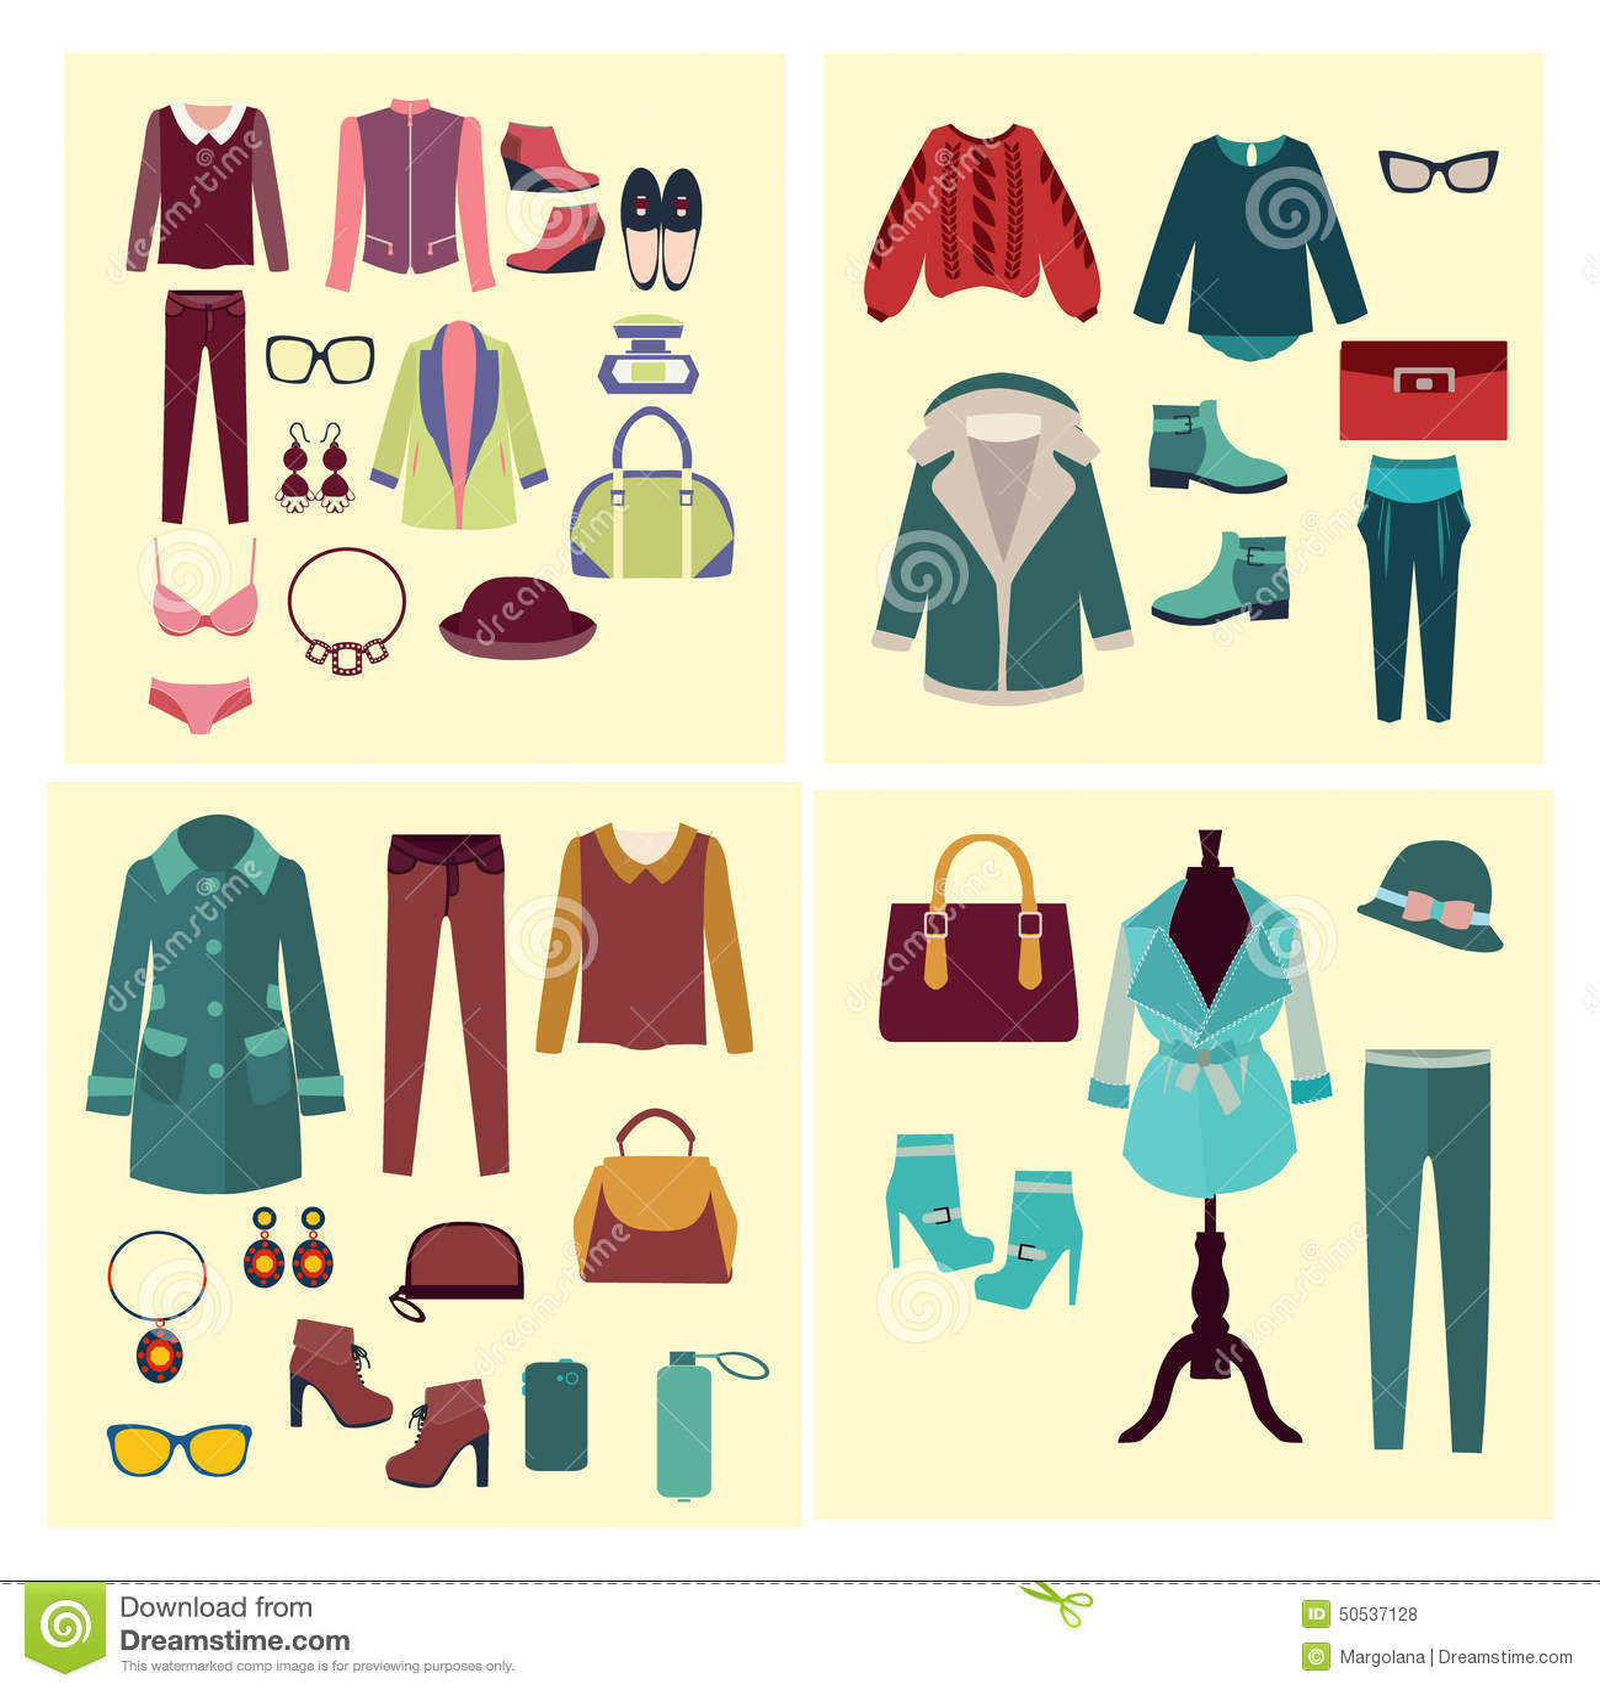 Accesorios de moda - enfemenino te muestra los accesorios y complementos de moda, zapatos, bolsos y bisutería para que siempre vayas marcando tendencia.